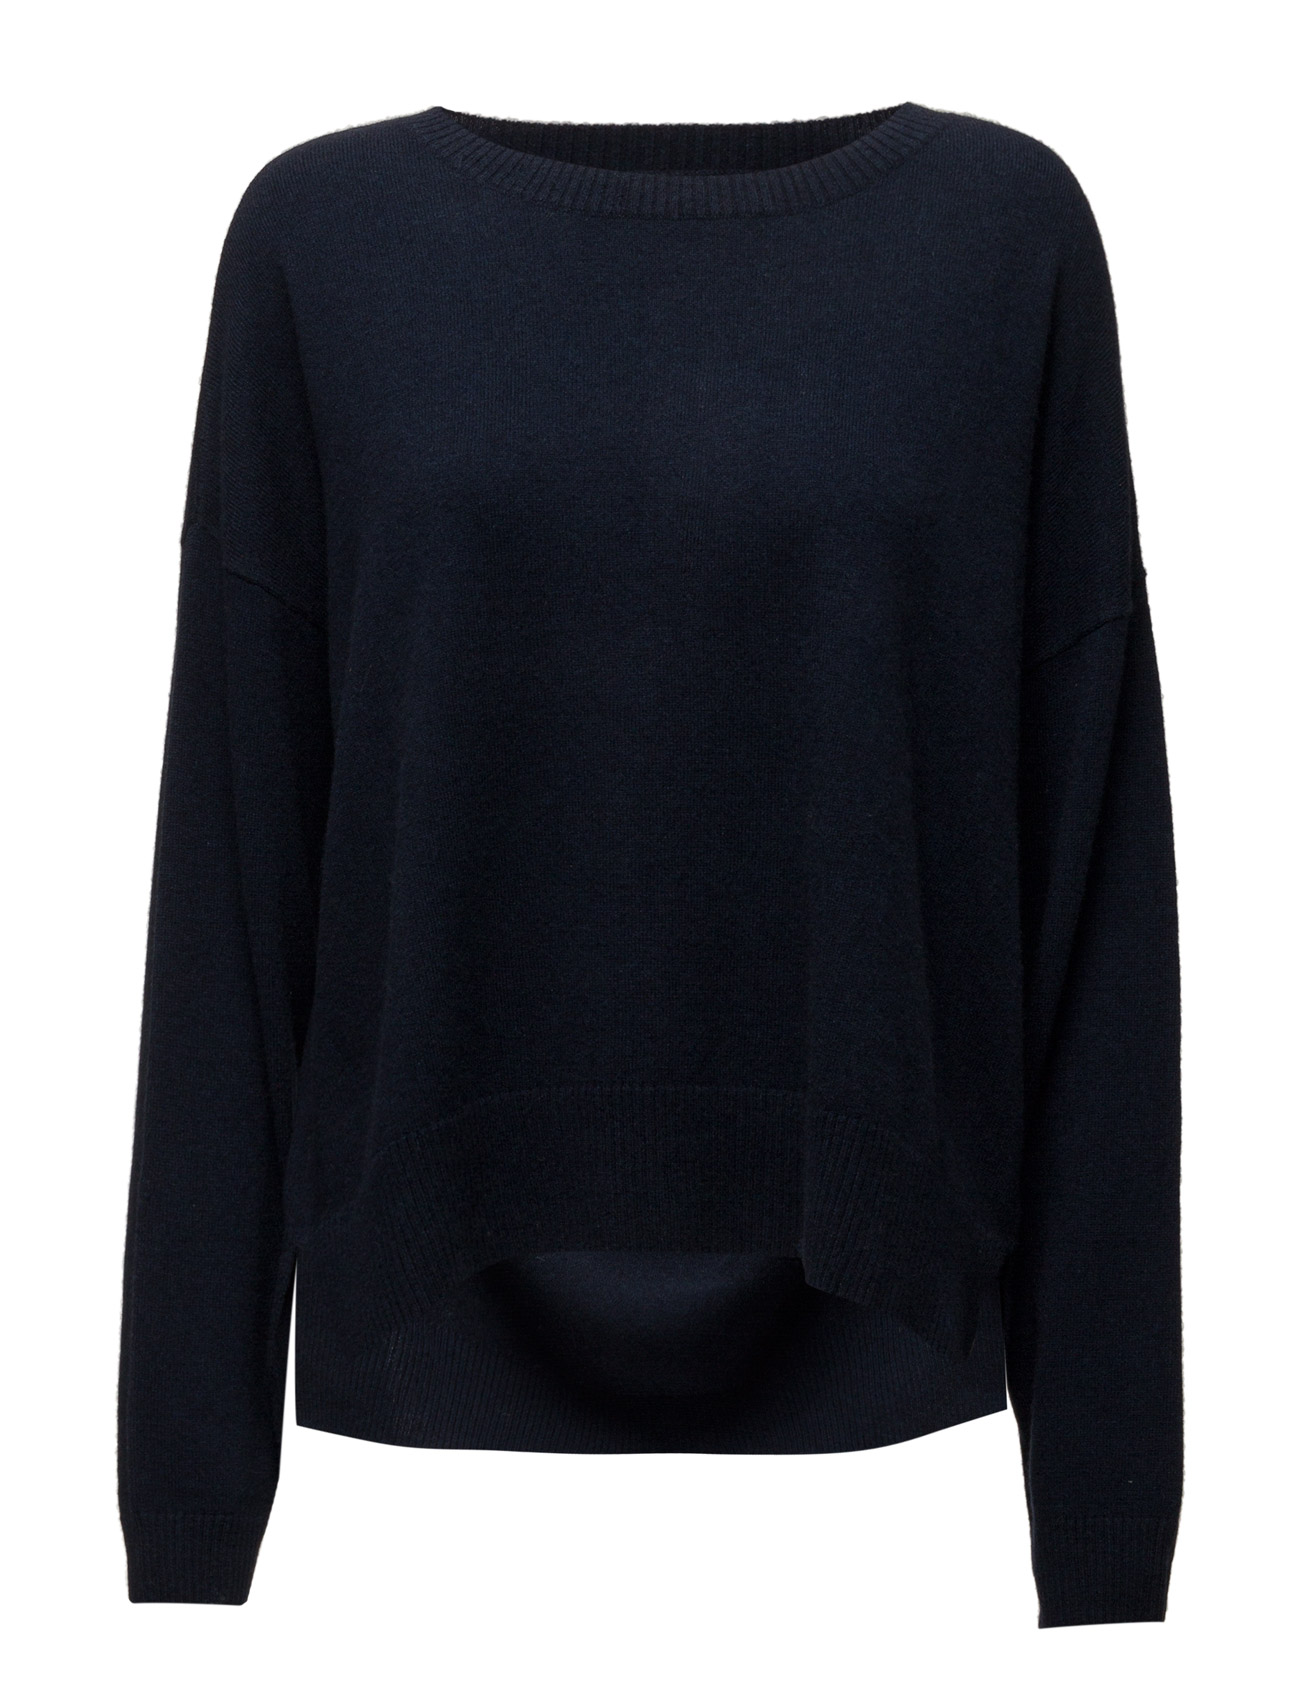 2nd Mila 2NDDAY Sweatshirts til Damer i